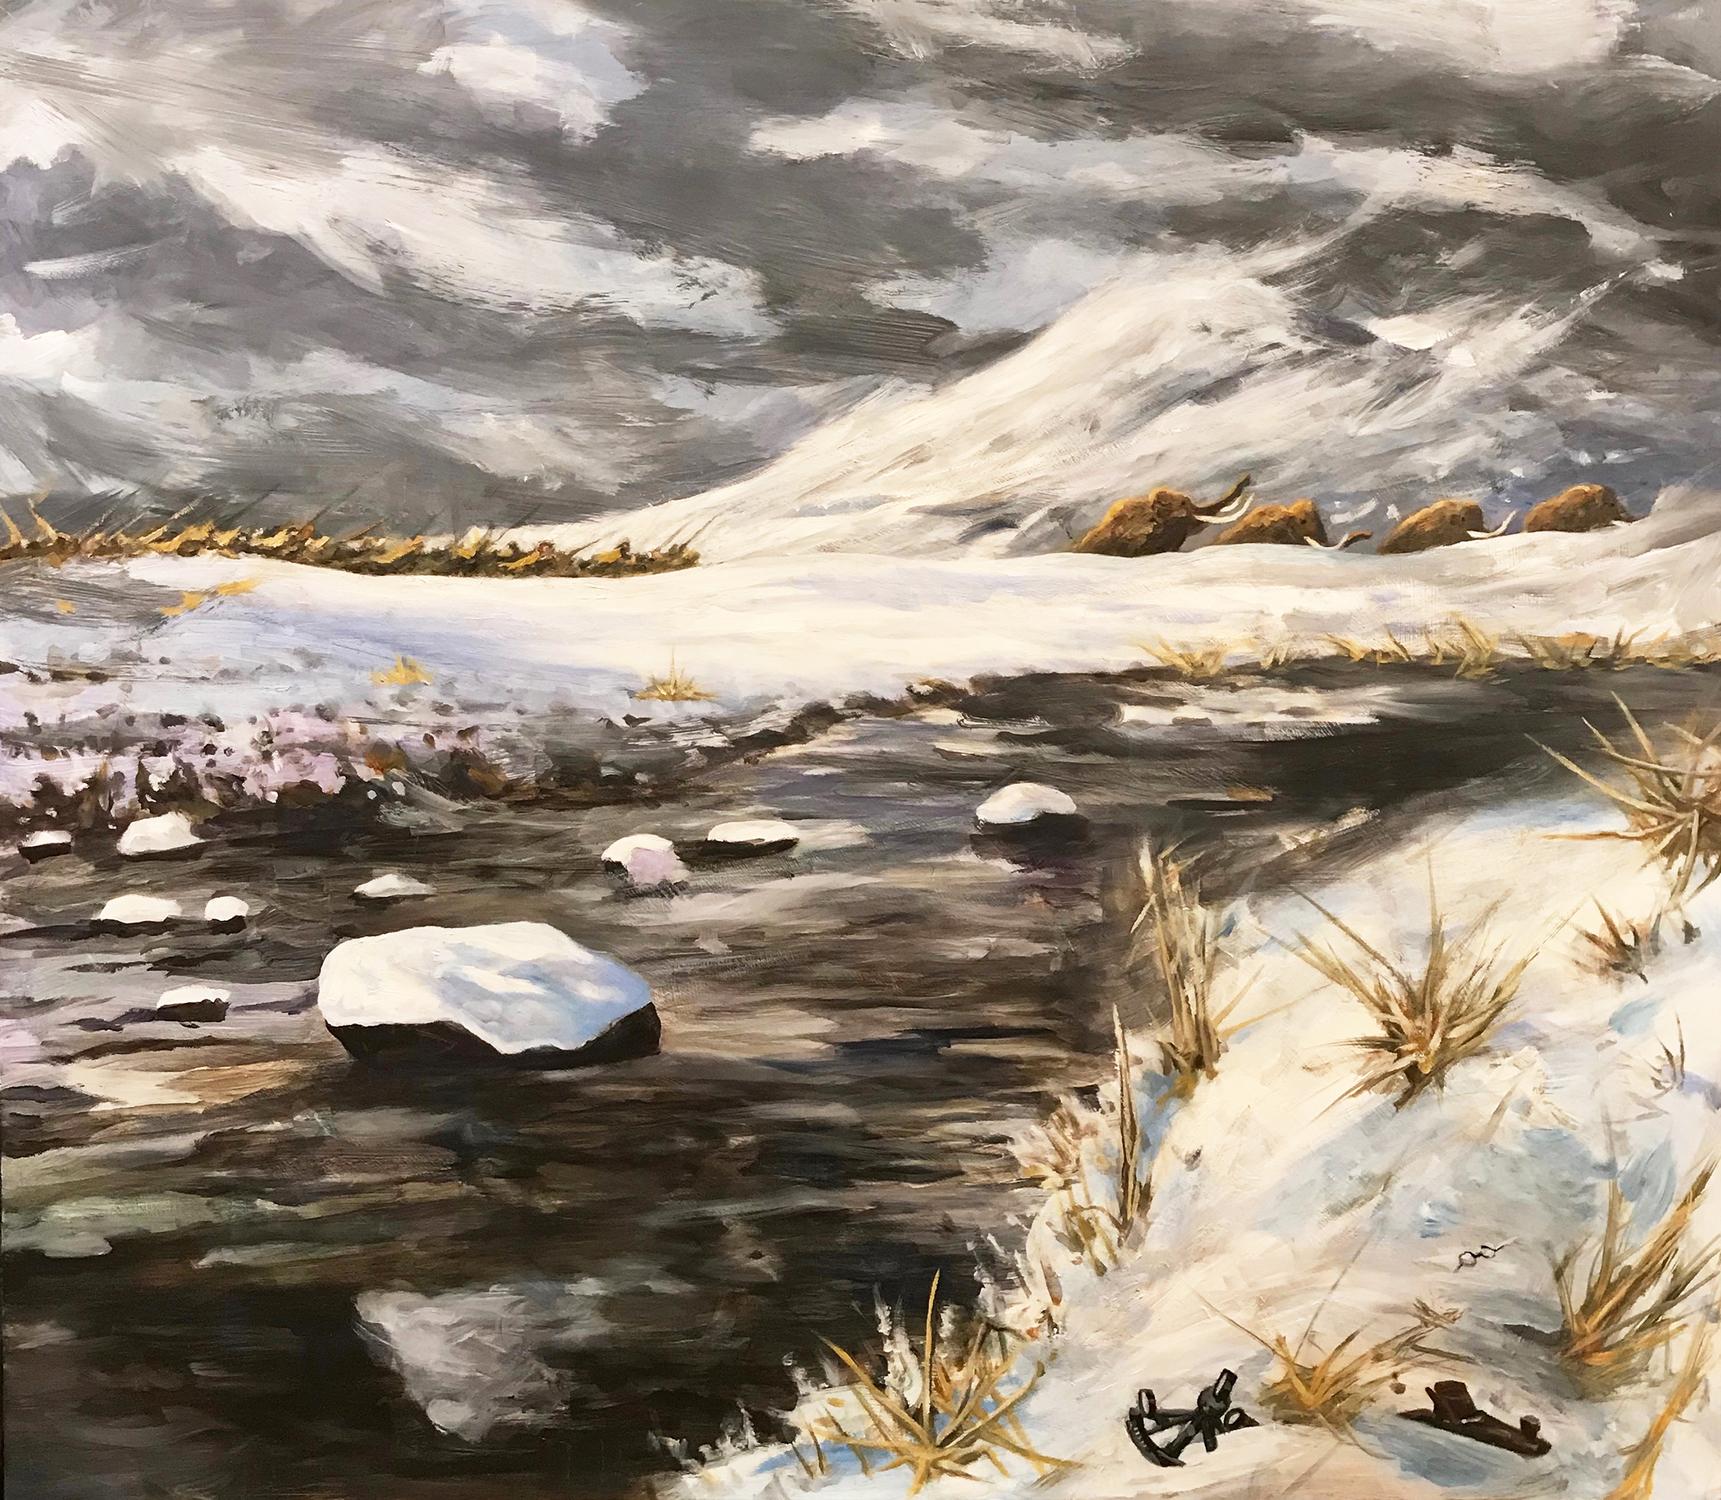 Mammoth Hunt Artwork by Brian McElligott